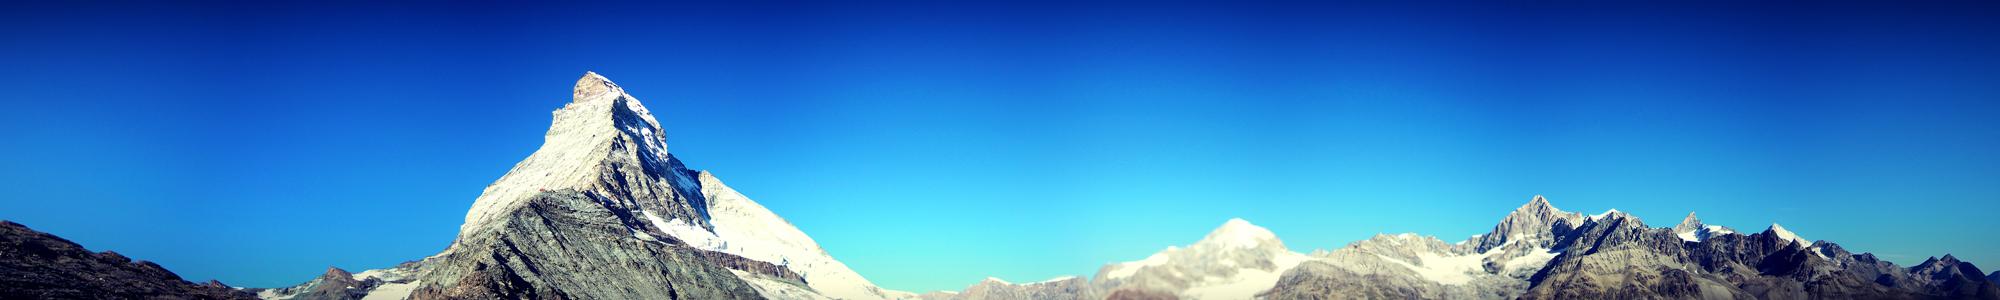 Home_Bild_Matterhorn